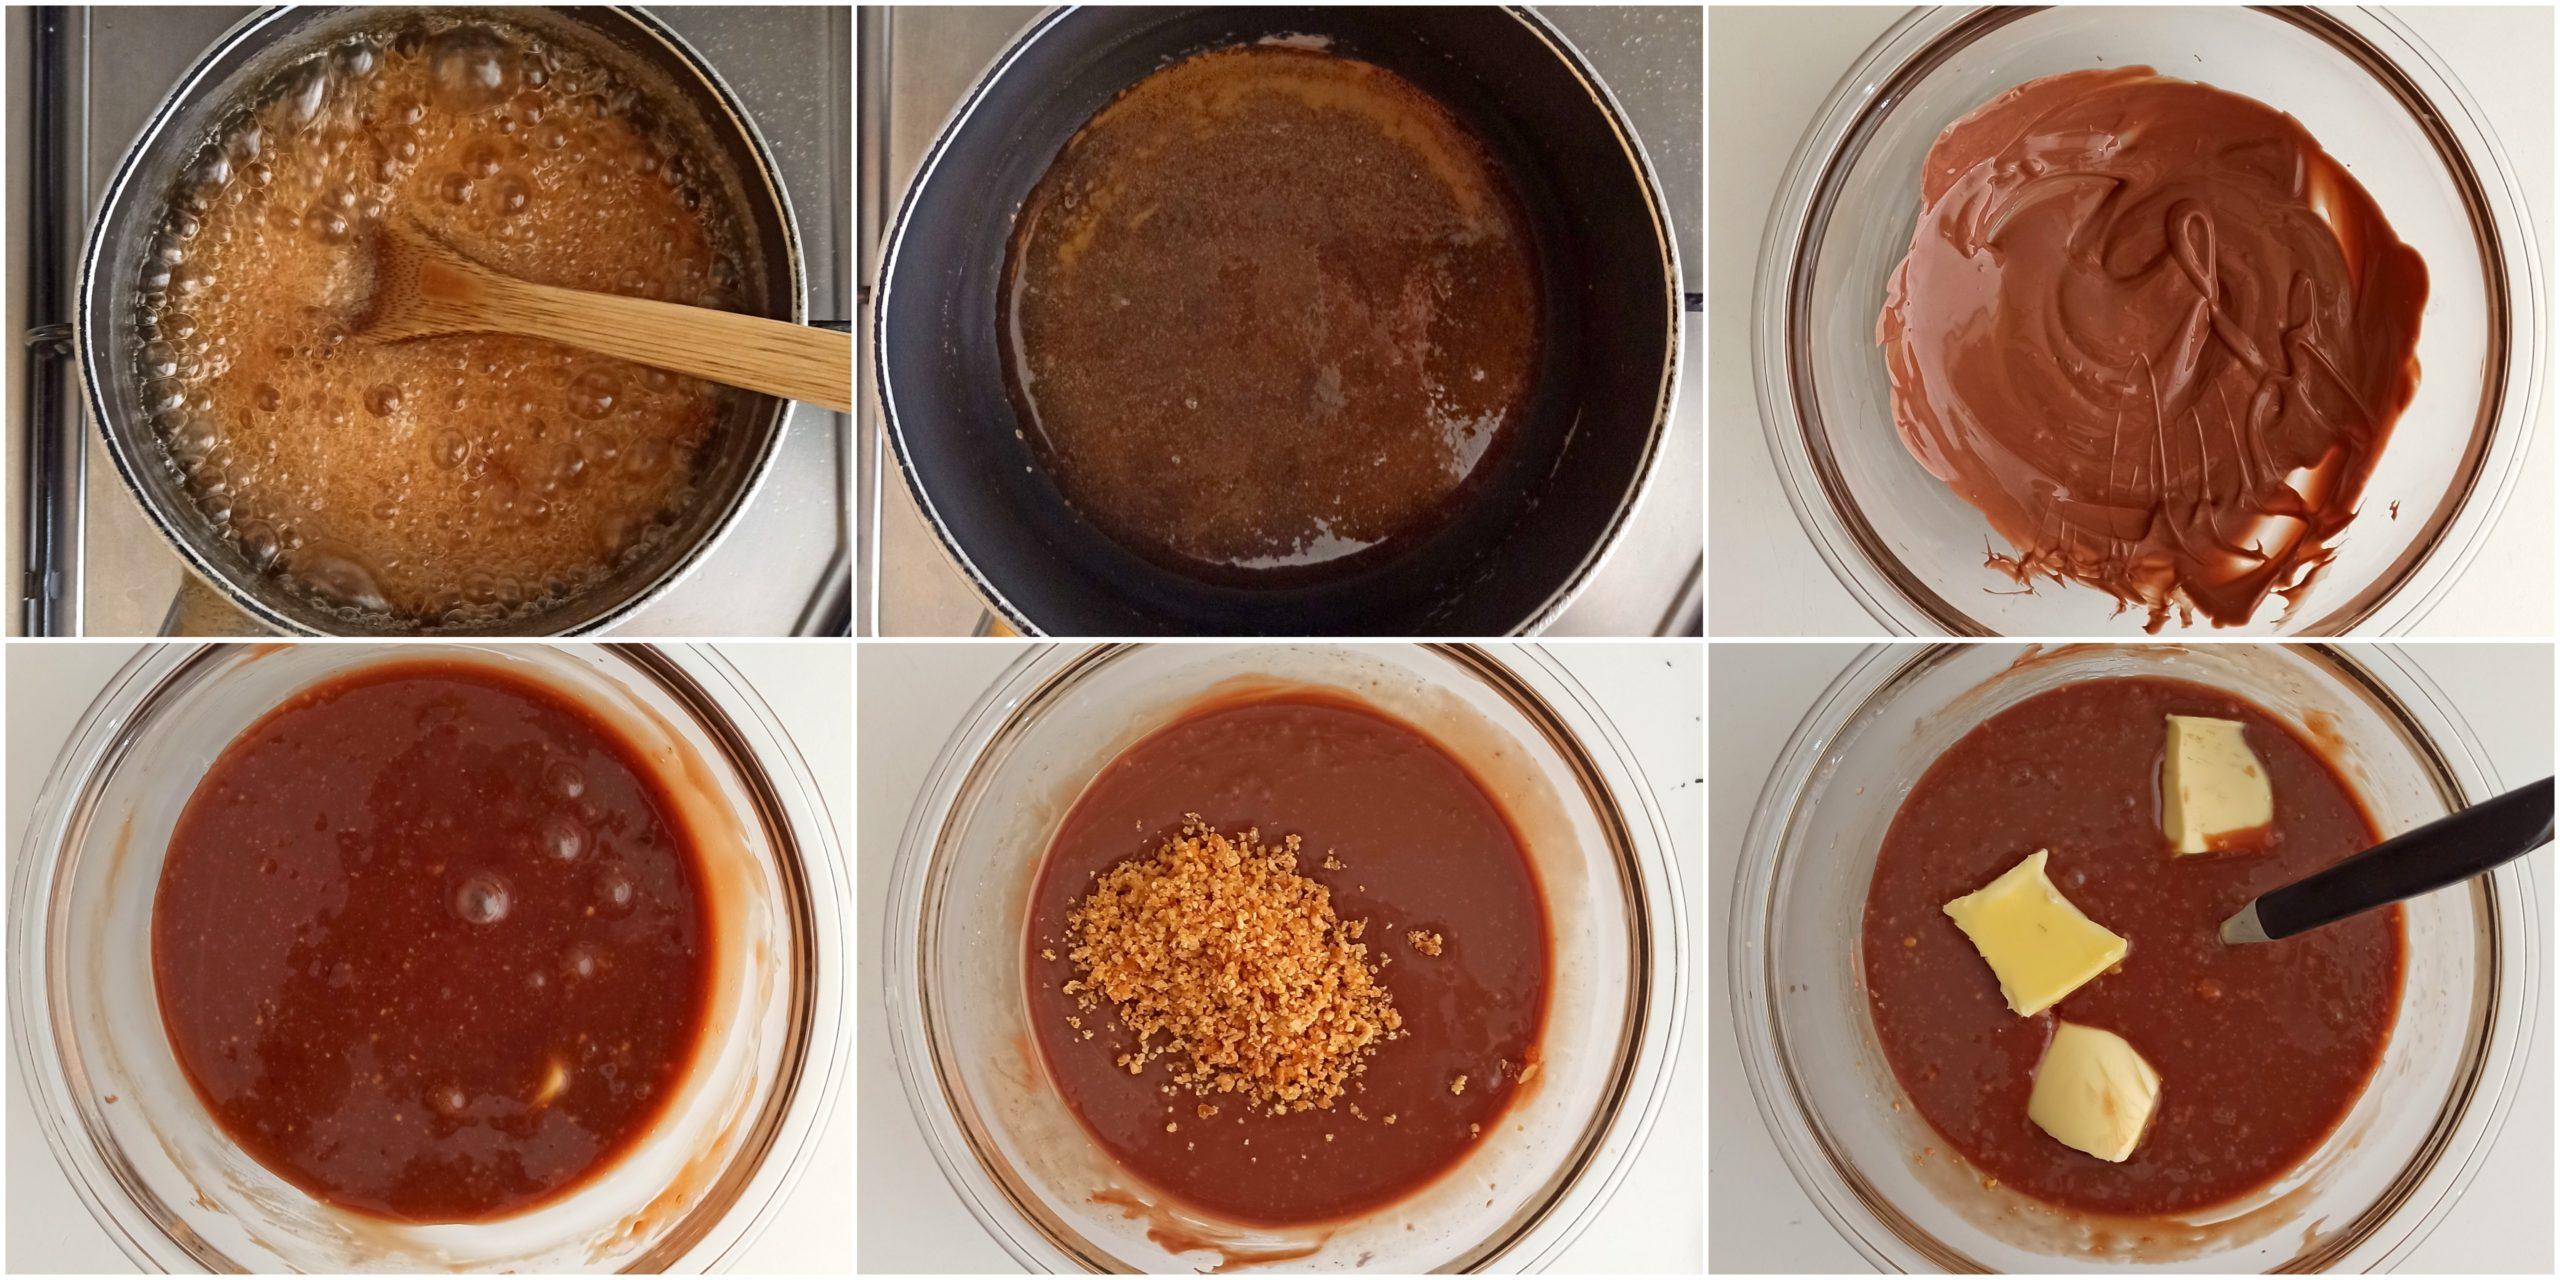 Barrette ciocco-caramello senza glutine - La Cassata Celiaca